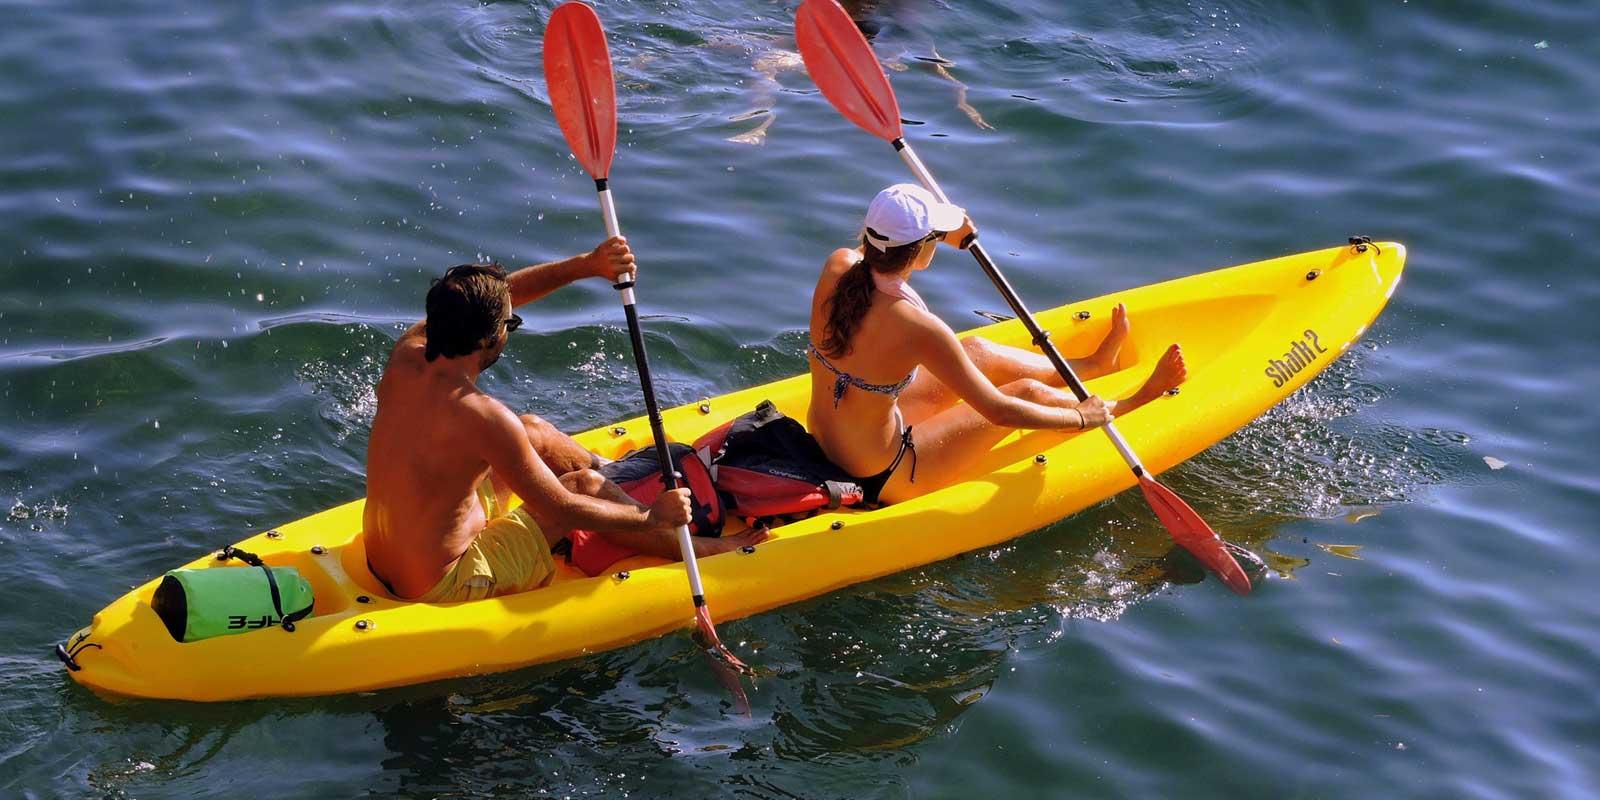 canoe-image-19